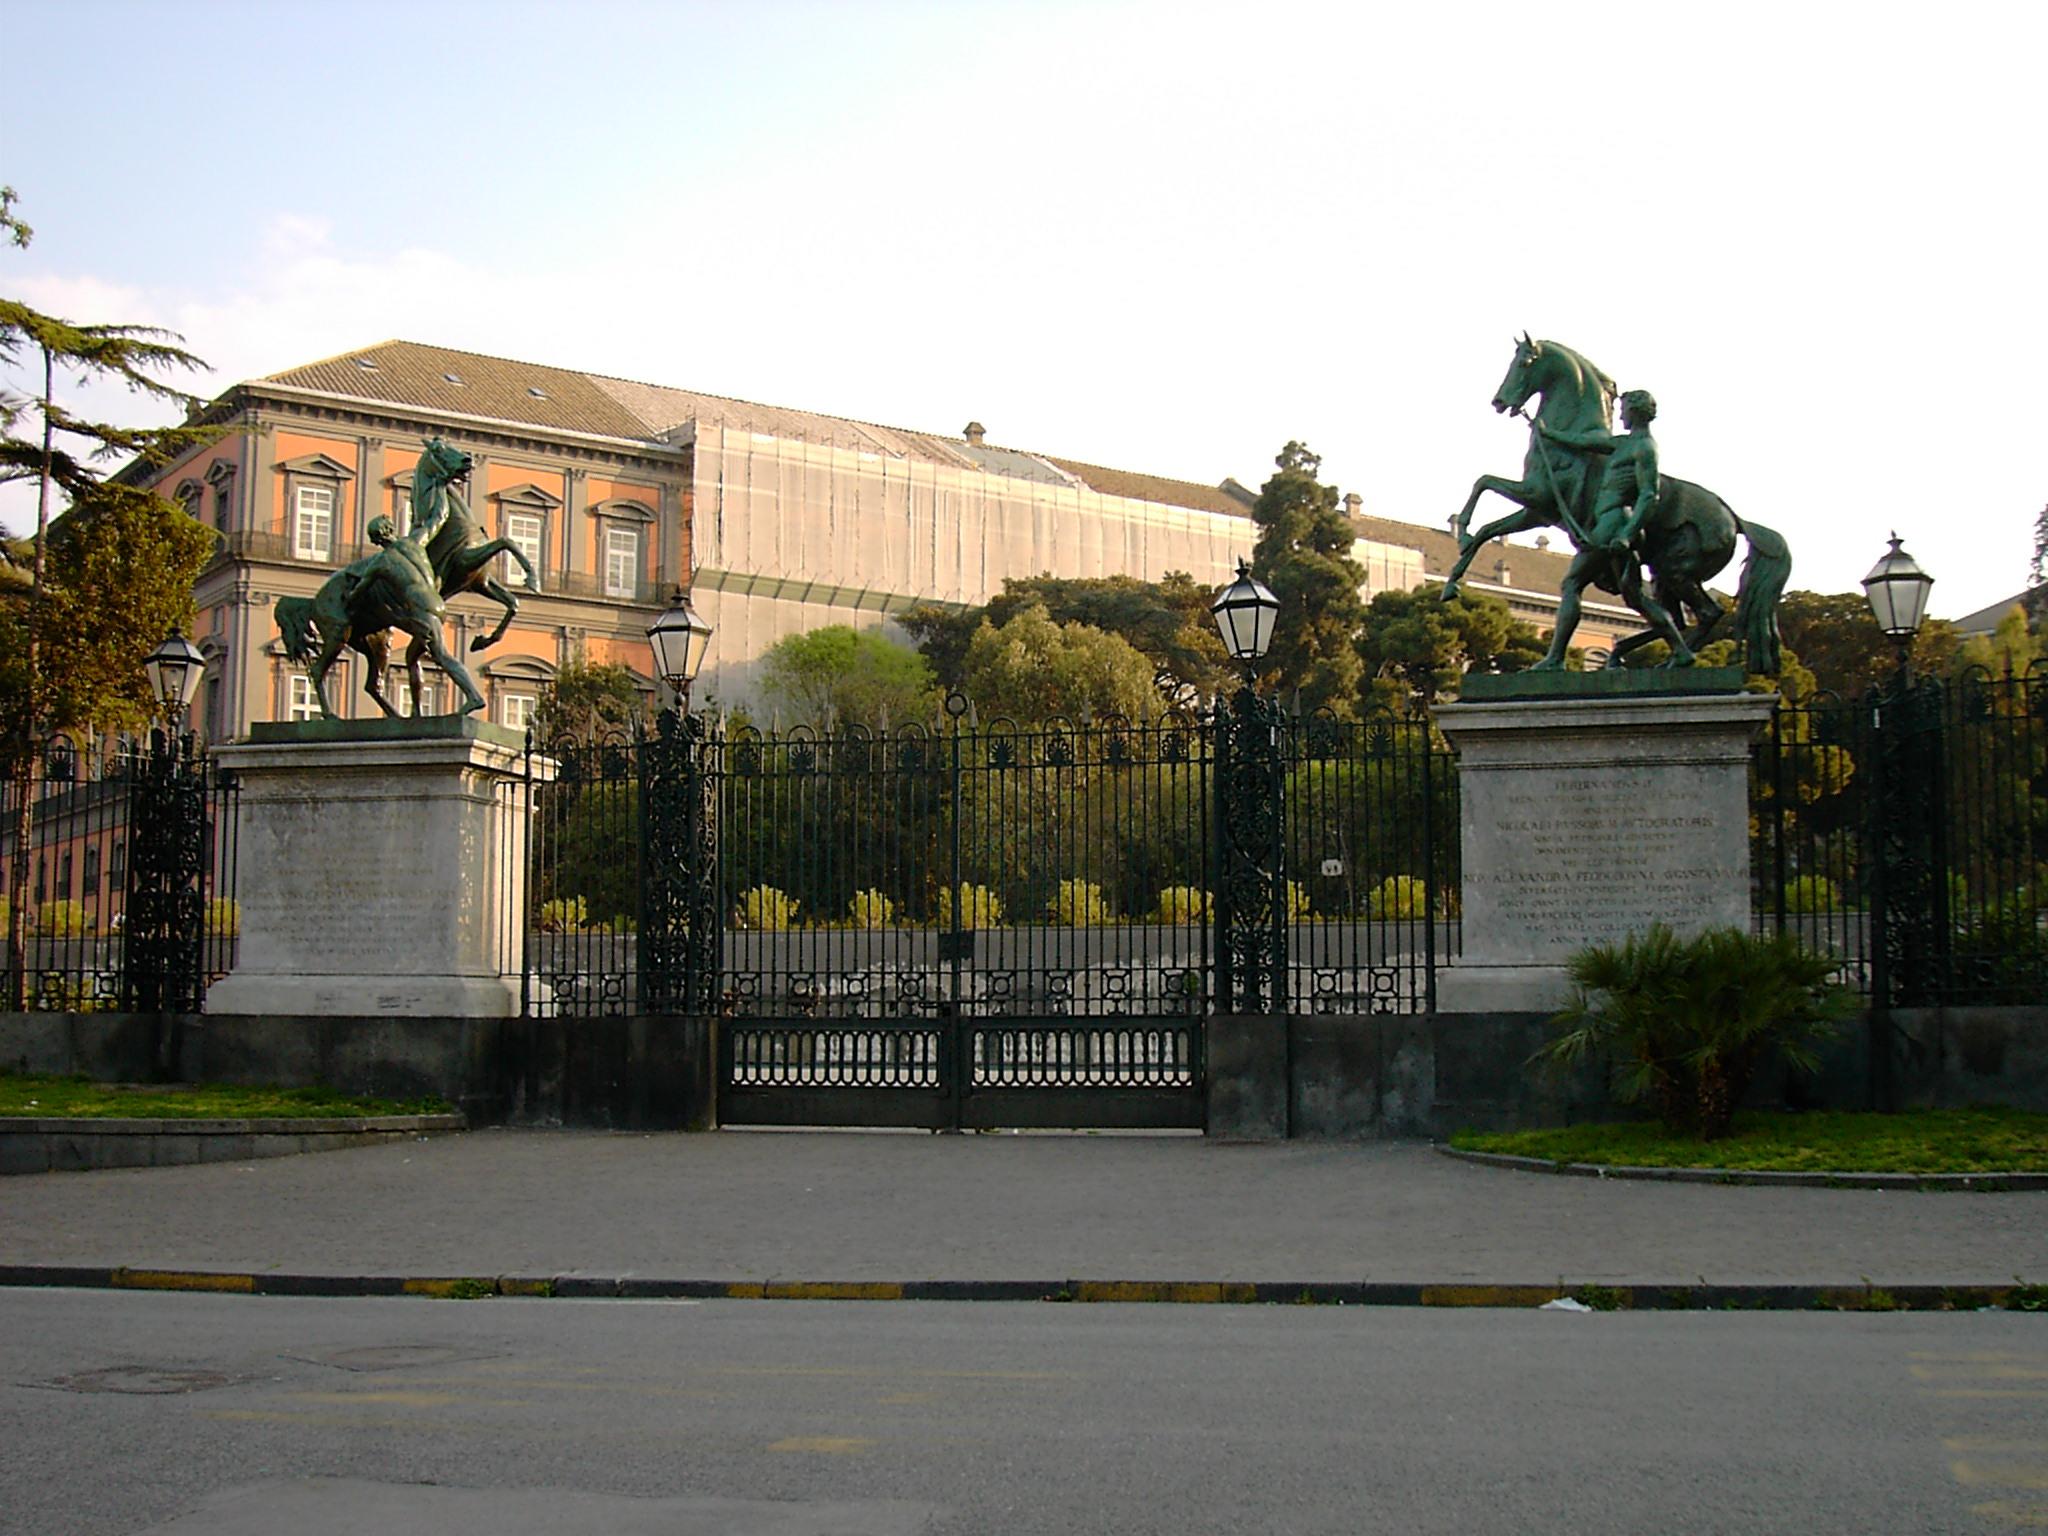 Укротители коней перед королевским дворцом в Неаполе. Фото: Luigi Versaggi (WikiPhotoSpace))